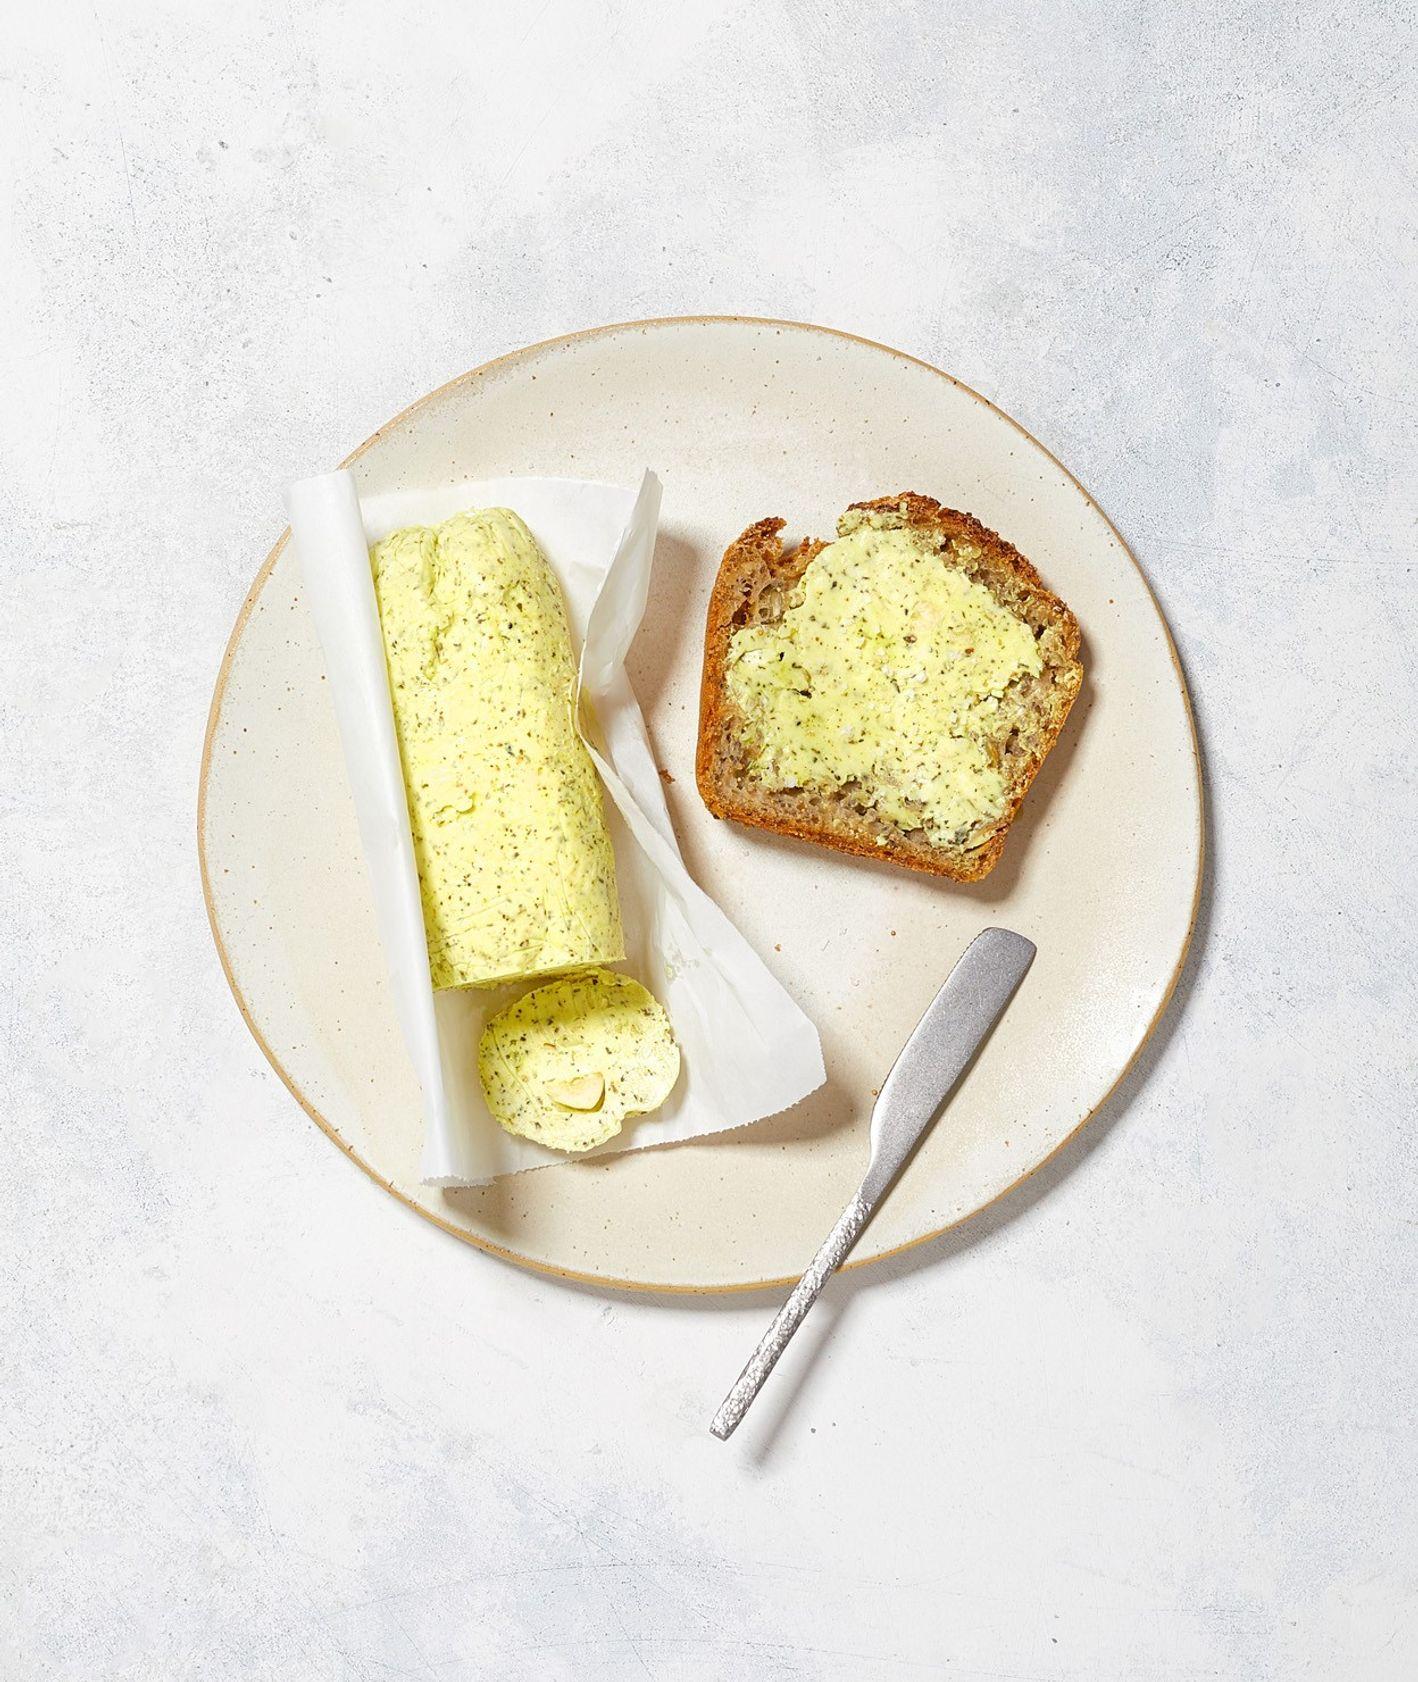 Domowe masło czosnkowe z ziołami prowansalskimi i ze szczyptą kurkumy podane na grzance z chleba razowego